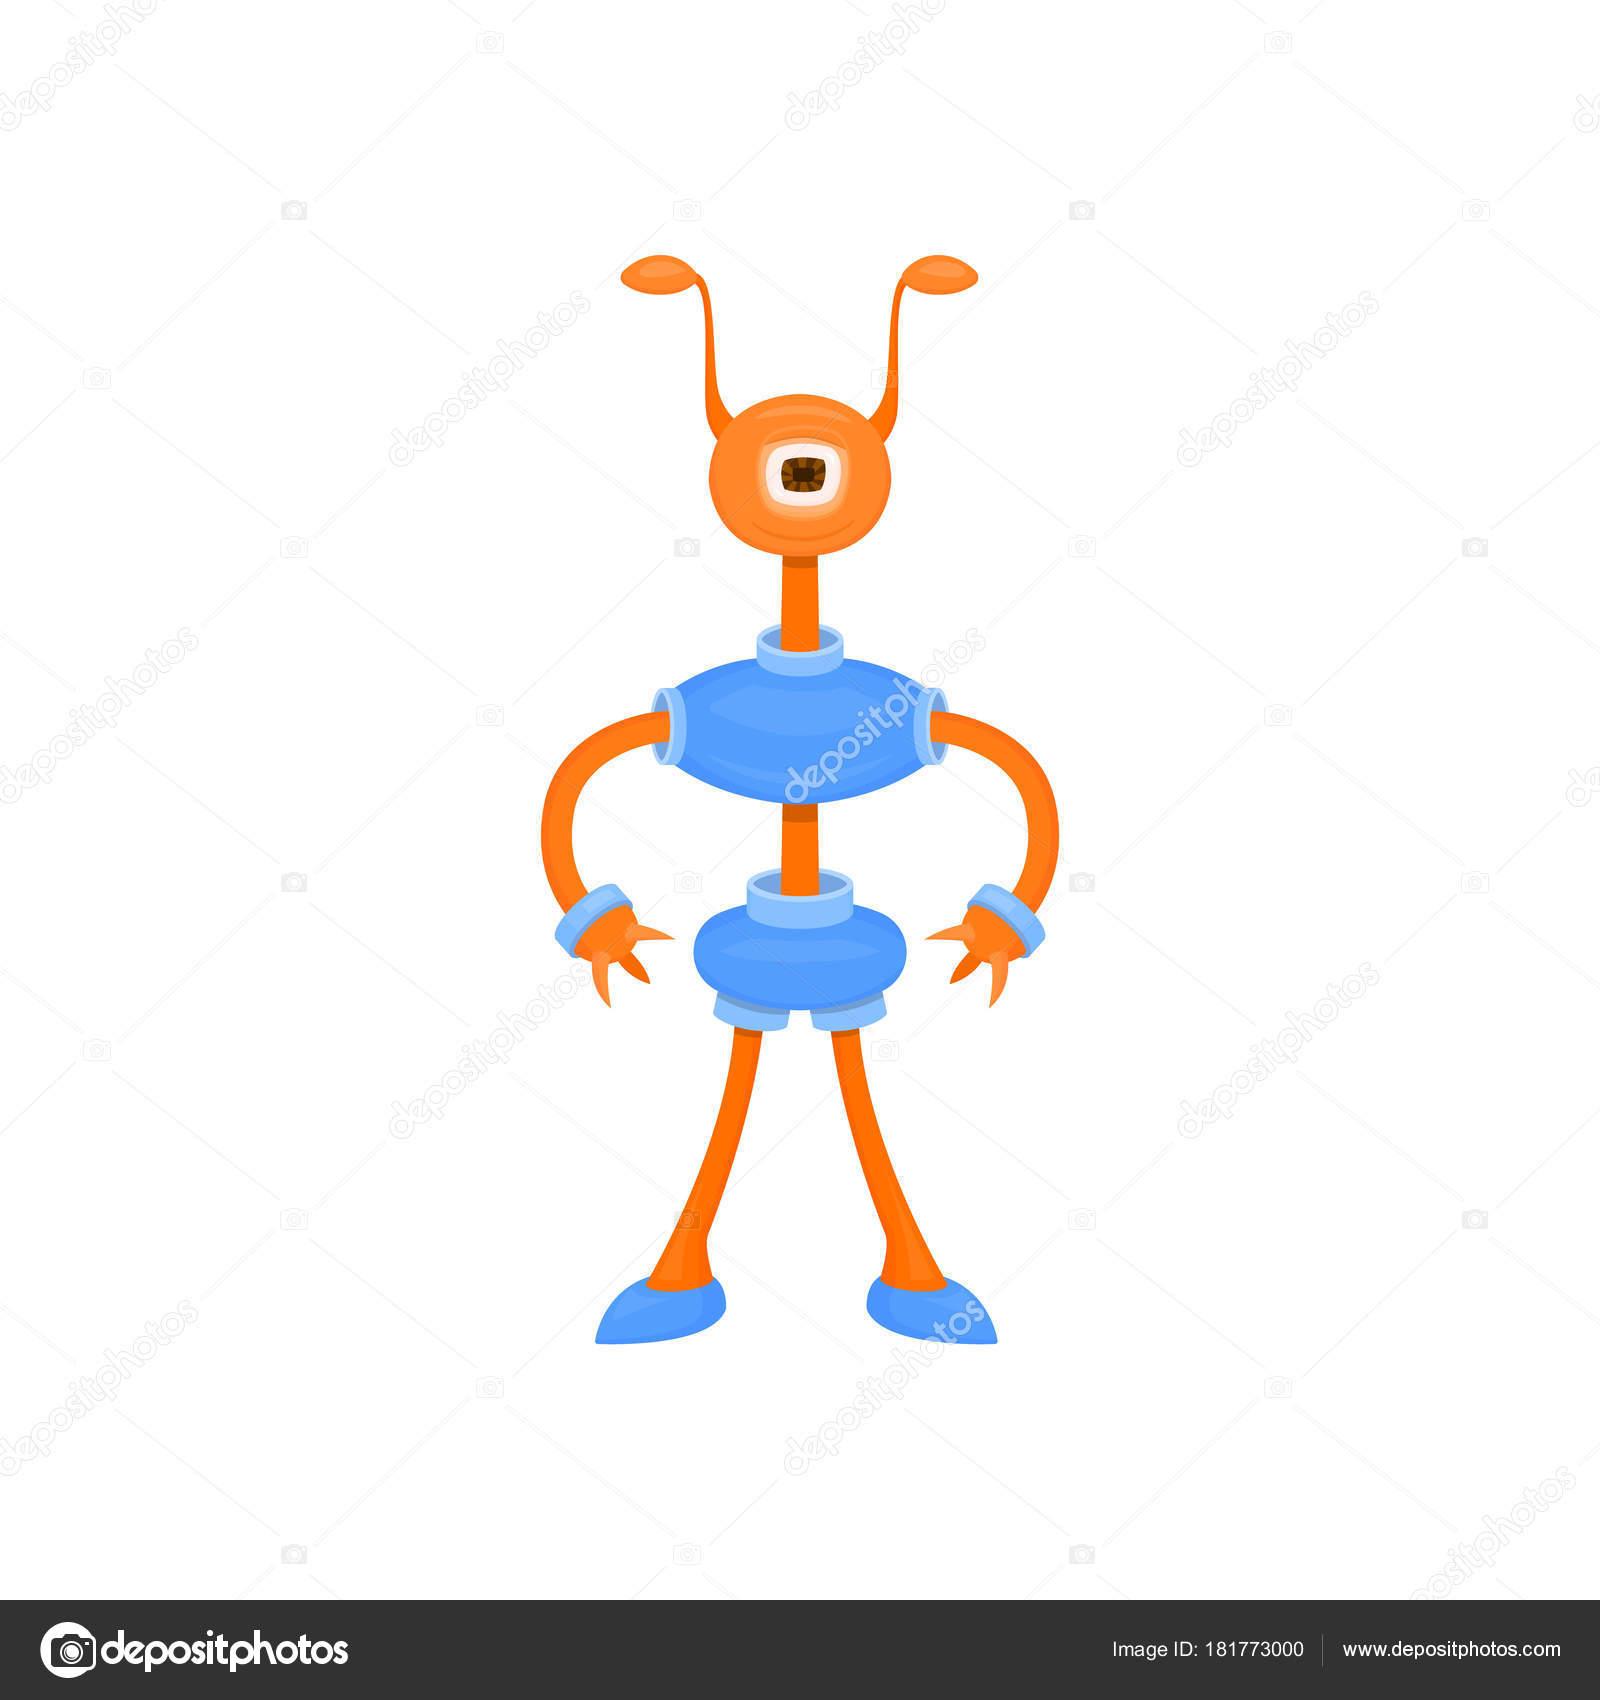 562c06baf7 Χαριτωμένο αλλοδαπός cyborg με κέρατα και ένα μάτι. Διάνυσμα καρτούν  εικονογράφηση για παιδικά πάρτι και